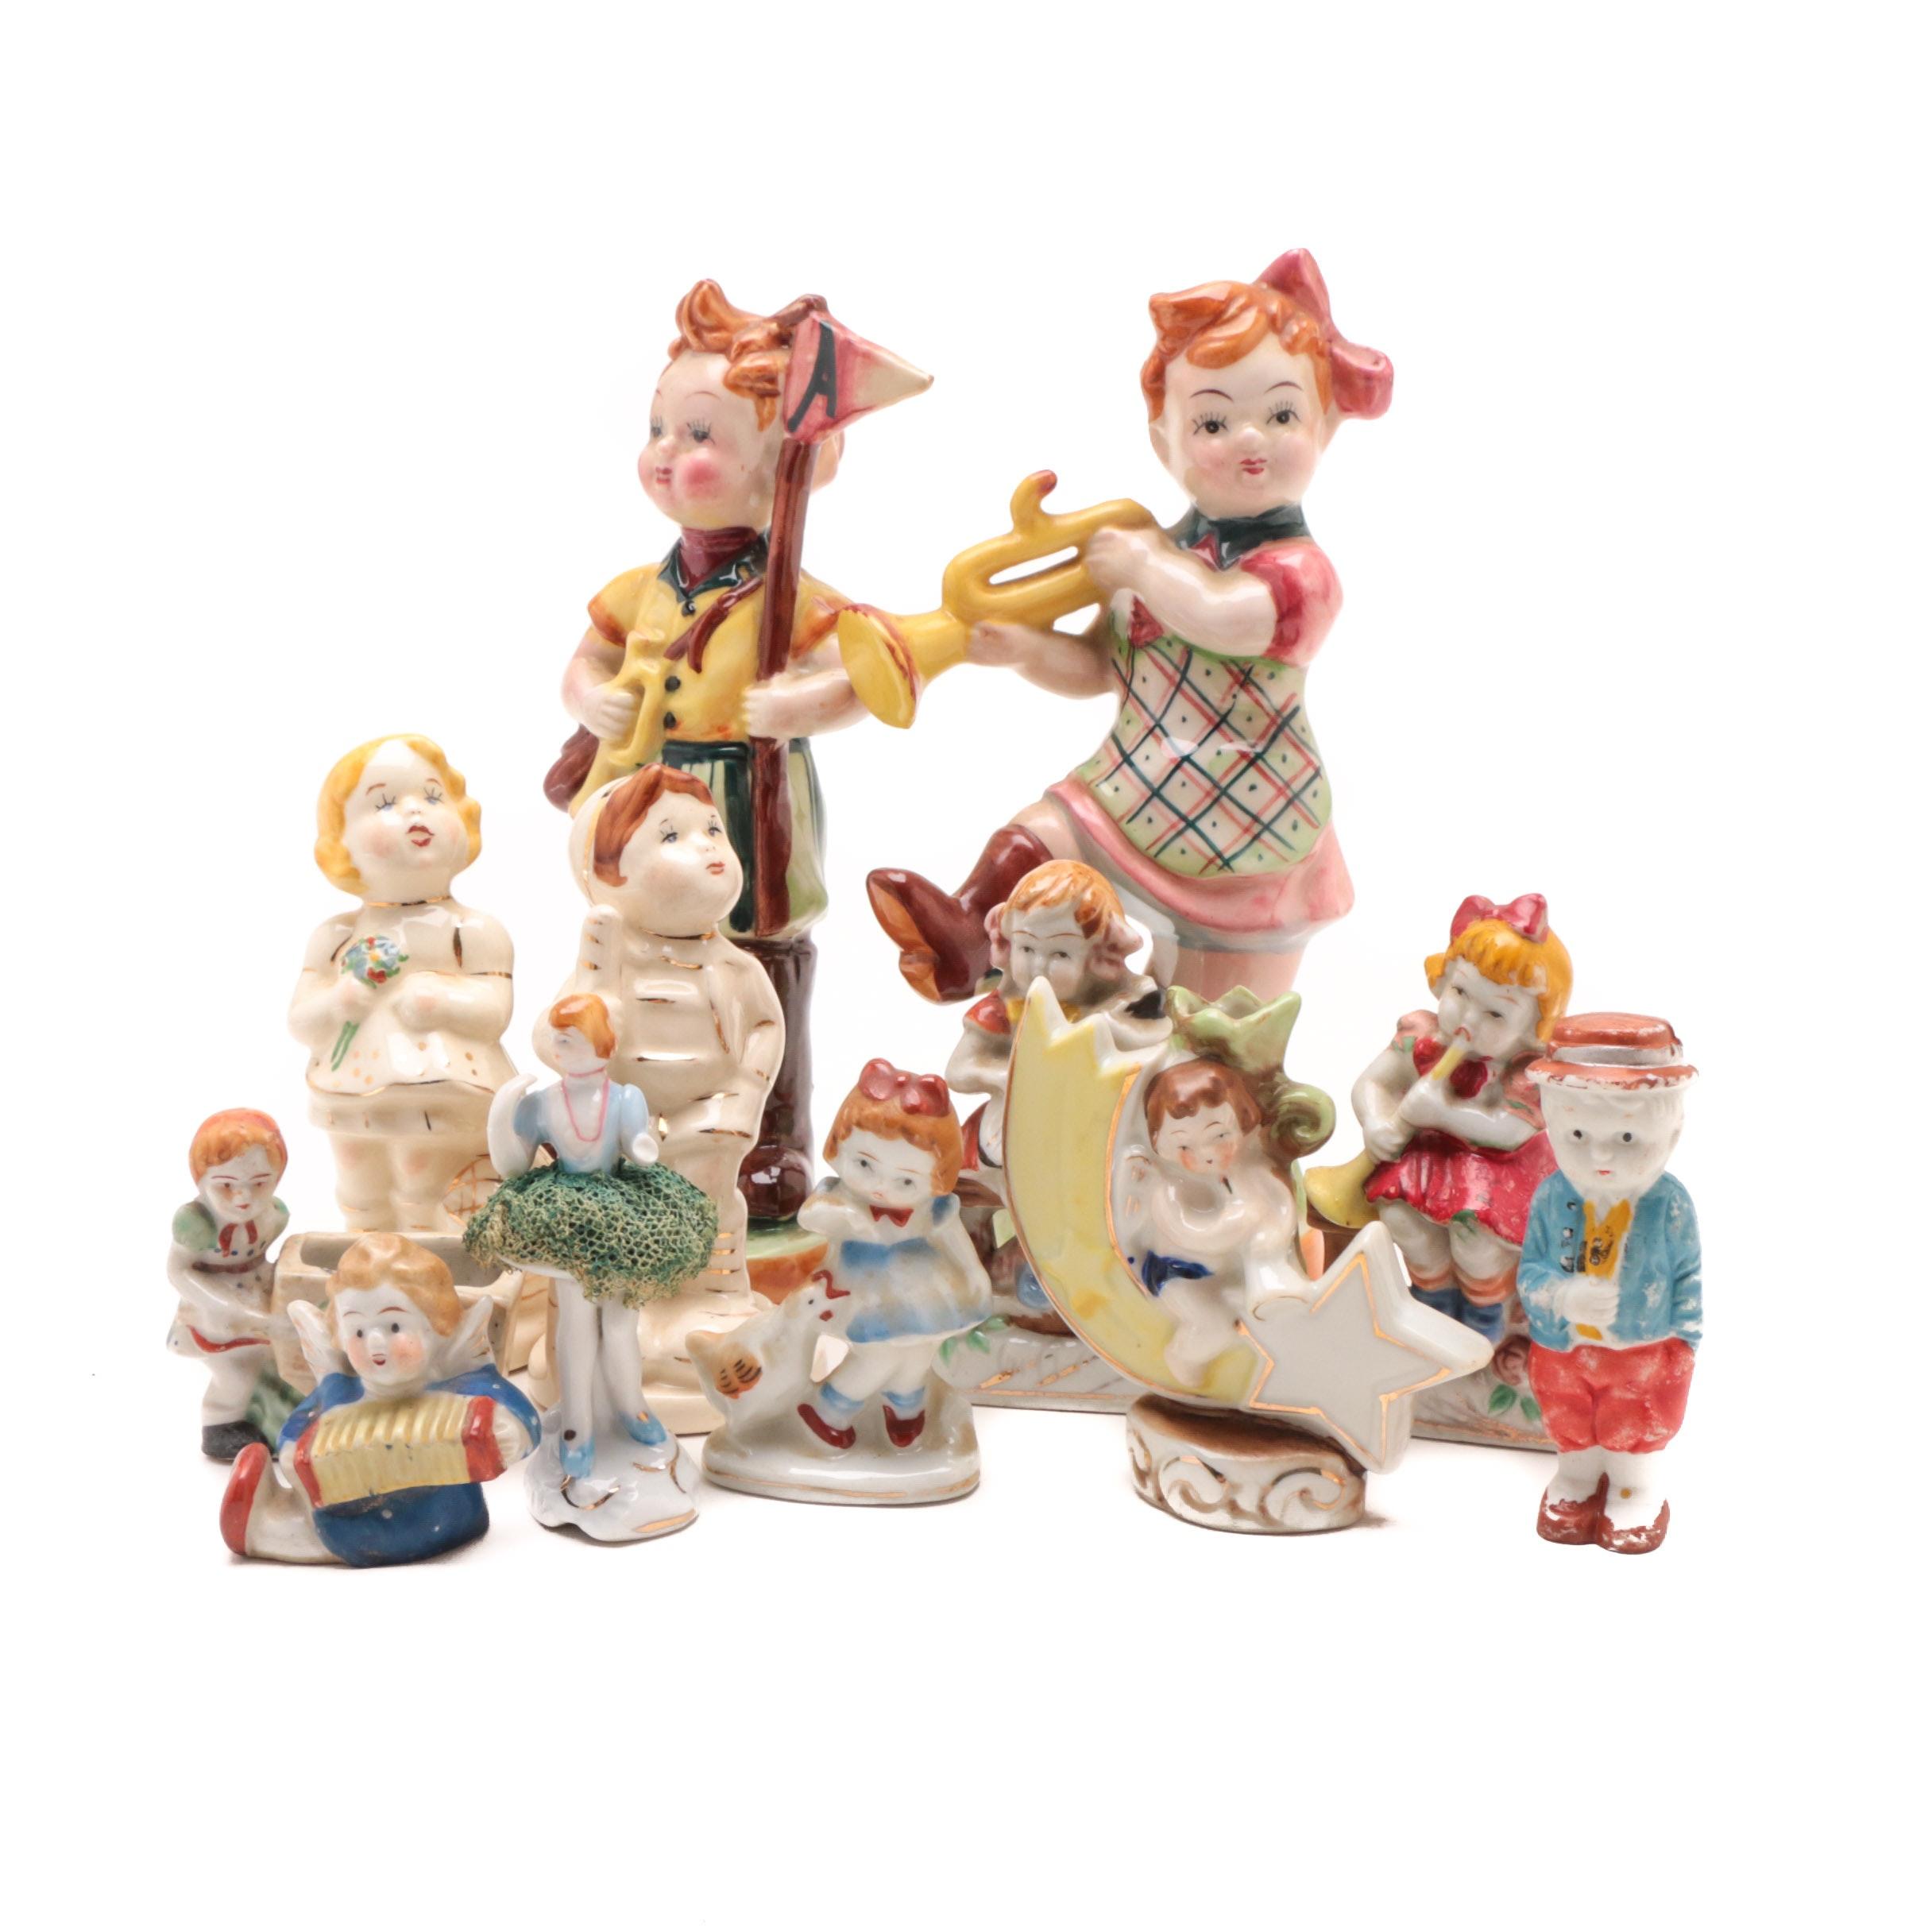 Group of Vintage Porcelain Figurines of Children including Occupied Japan